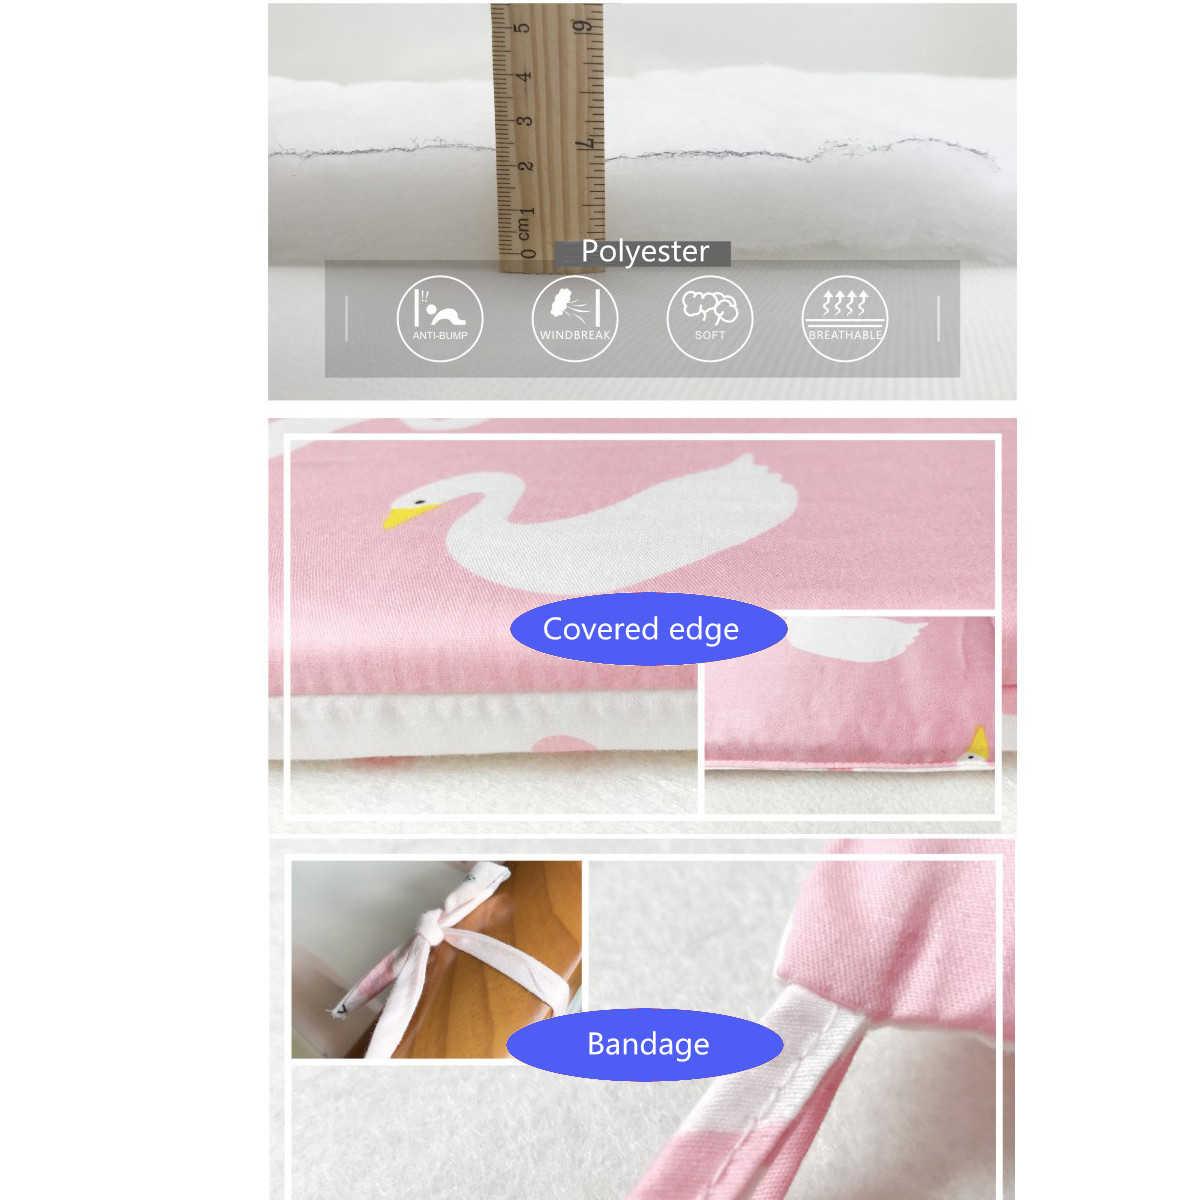 Новорожденных детская кровать бампер Мягкий хлопок младенческой кроватки Подушка Pad складной детский протектор детское постельное белье 5 цветов 120x60 см